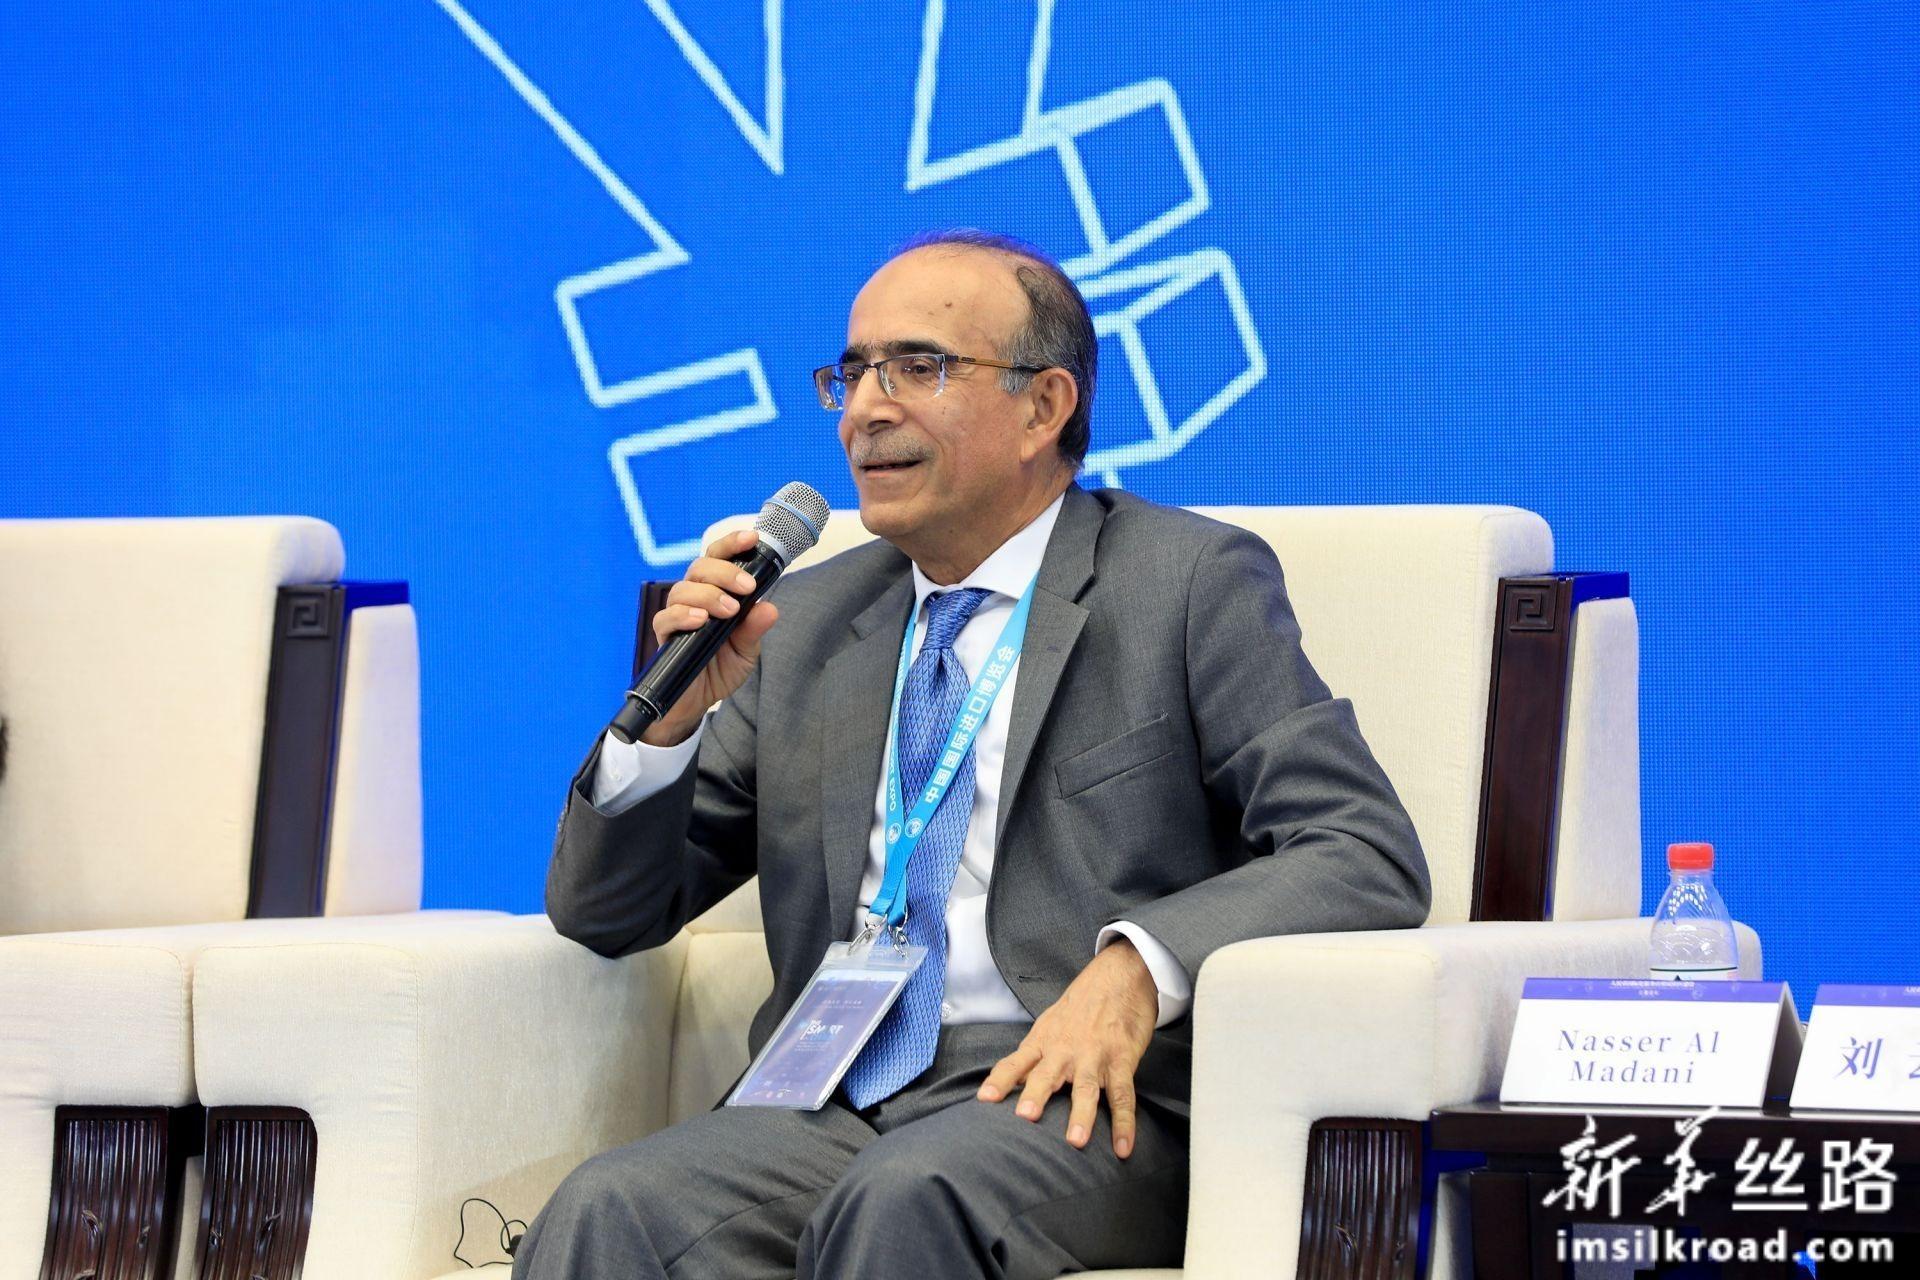 """在分论坛2:""""新时代自贸试验区新发展""""上,迪拜机场自贸区管理局副总裁 纳赛尔·马达尼发言"""